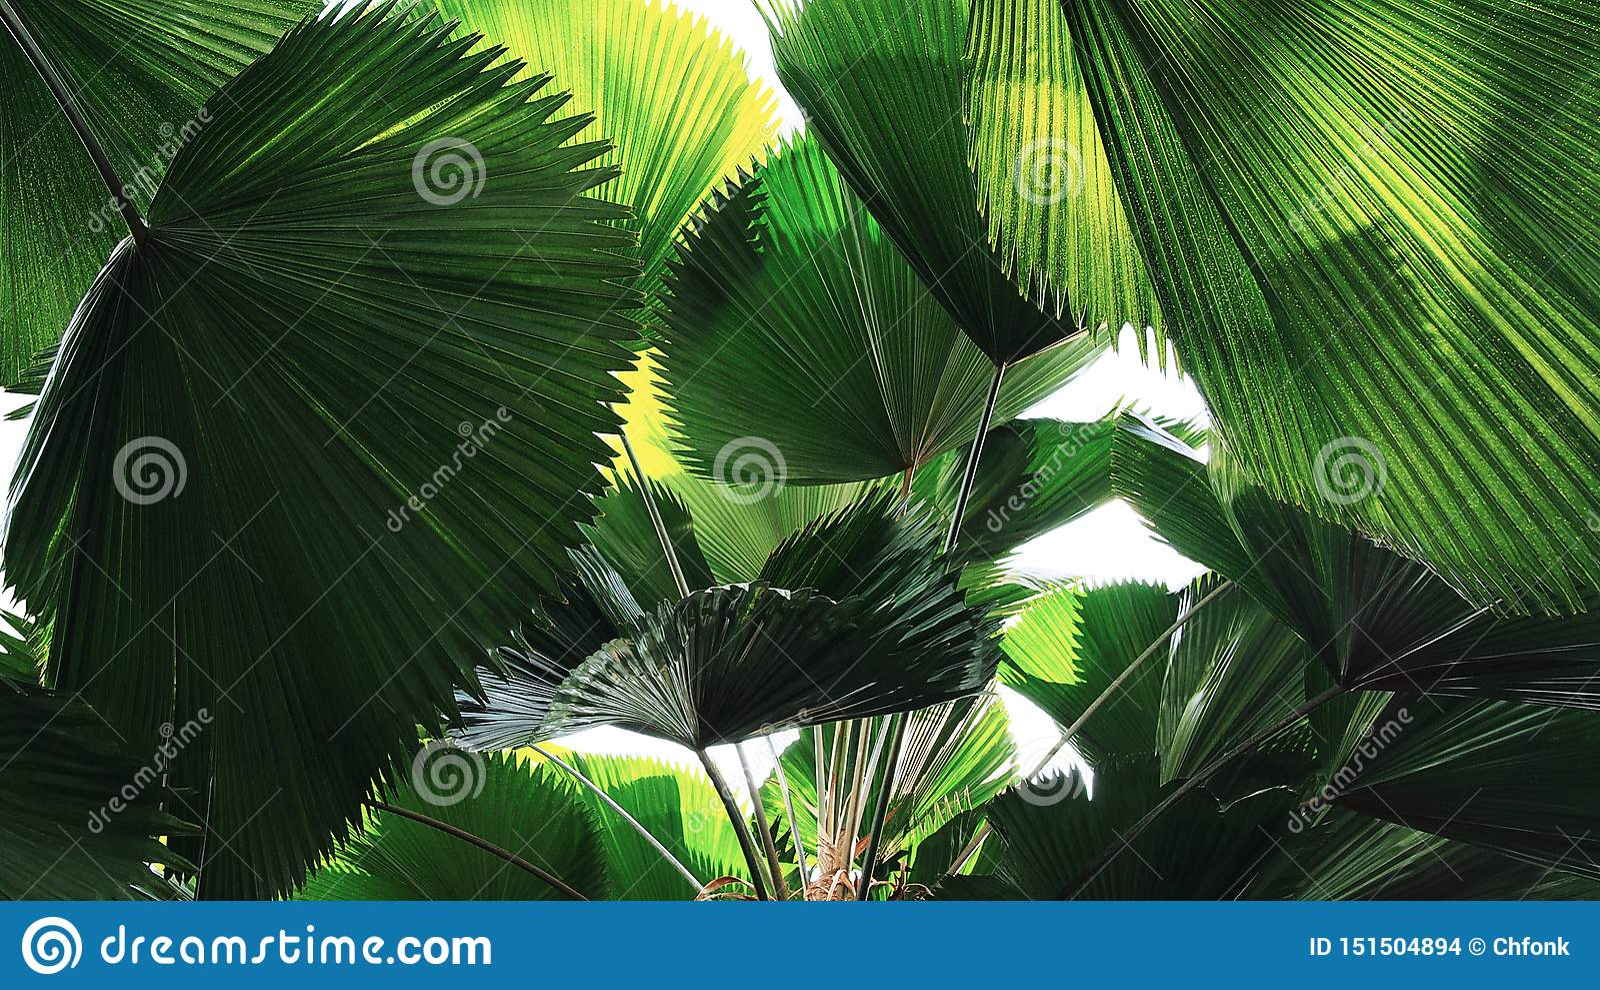 Modelo de hoja de palma de las hojas de la fan tropical de la selva tropical, fondo verde abstracto de la naturaleza